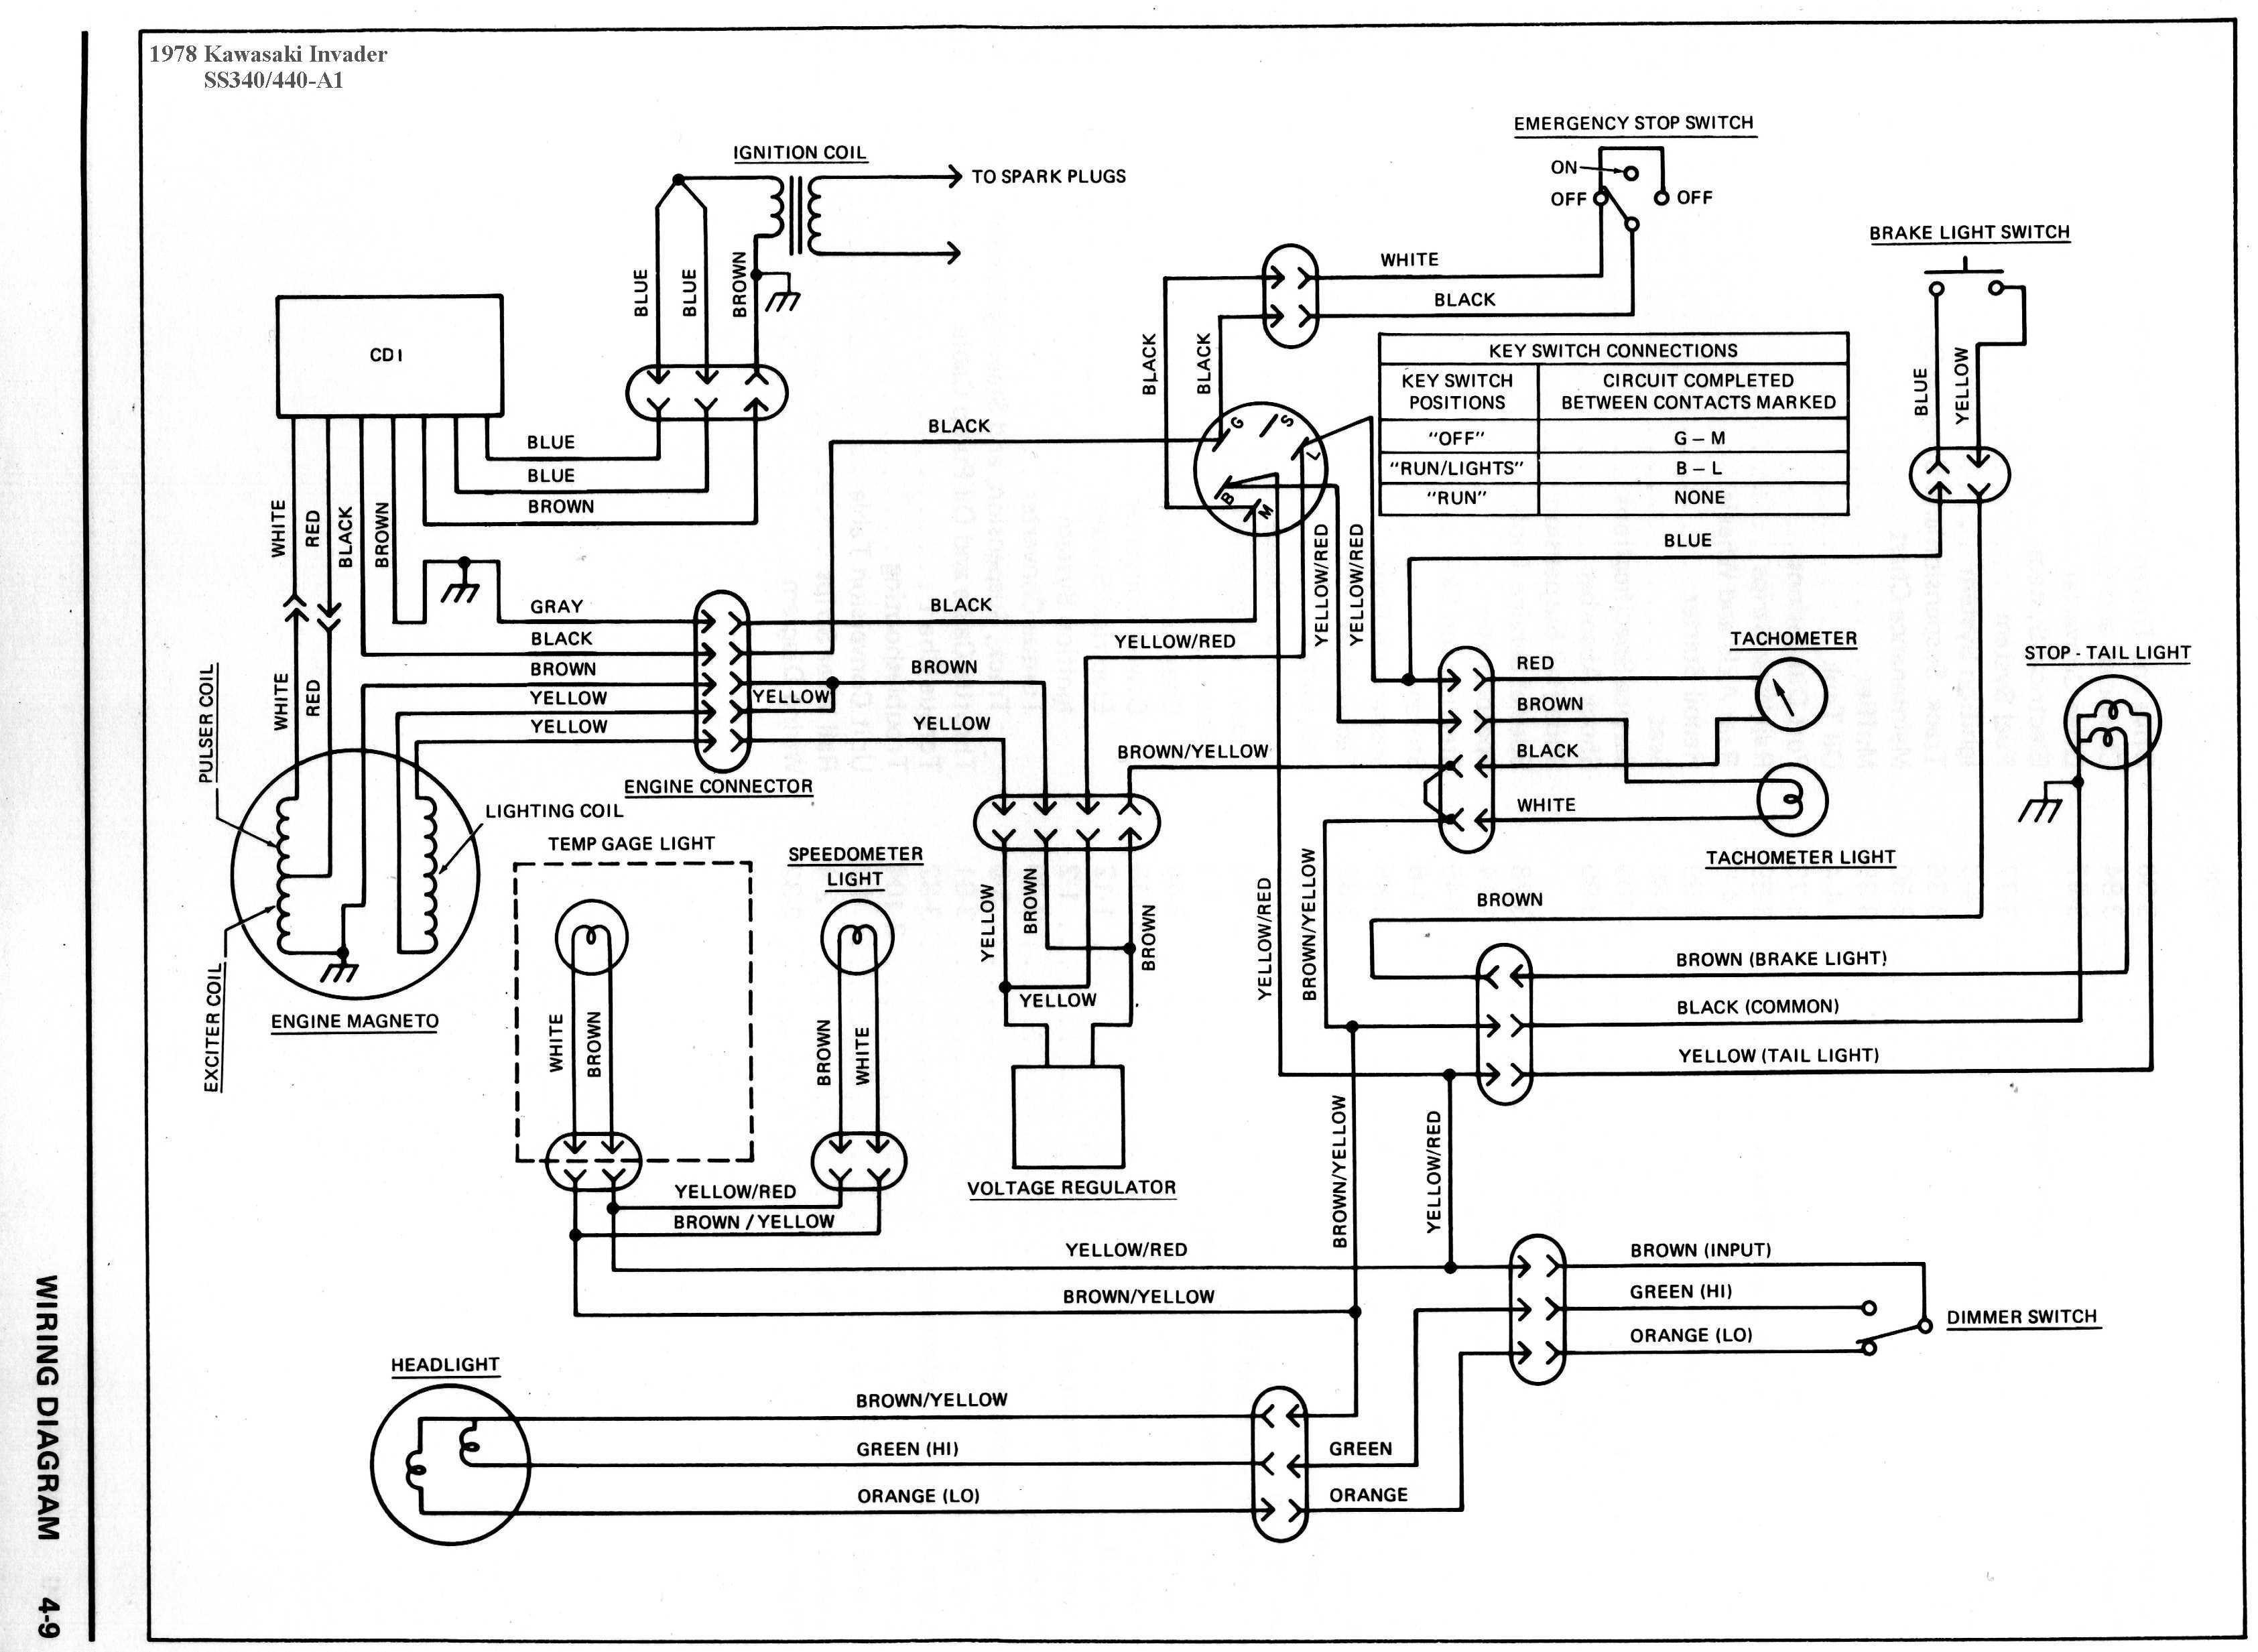 kawasaki bayou 220 wiring schematic Download-Wiring Diagram Motor Kawasaki New 1990 Kawasaki Bayou 220 Wiring Diagram New 39 Fantastic 1999 Yamaha 7-g